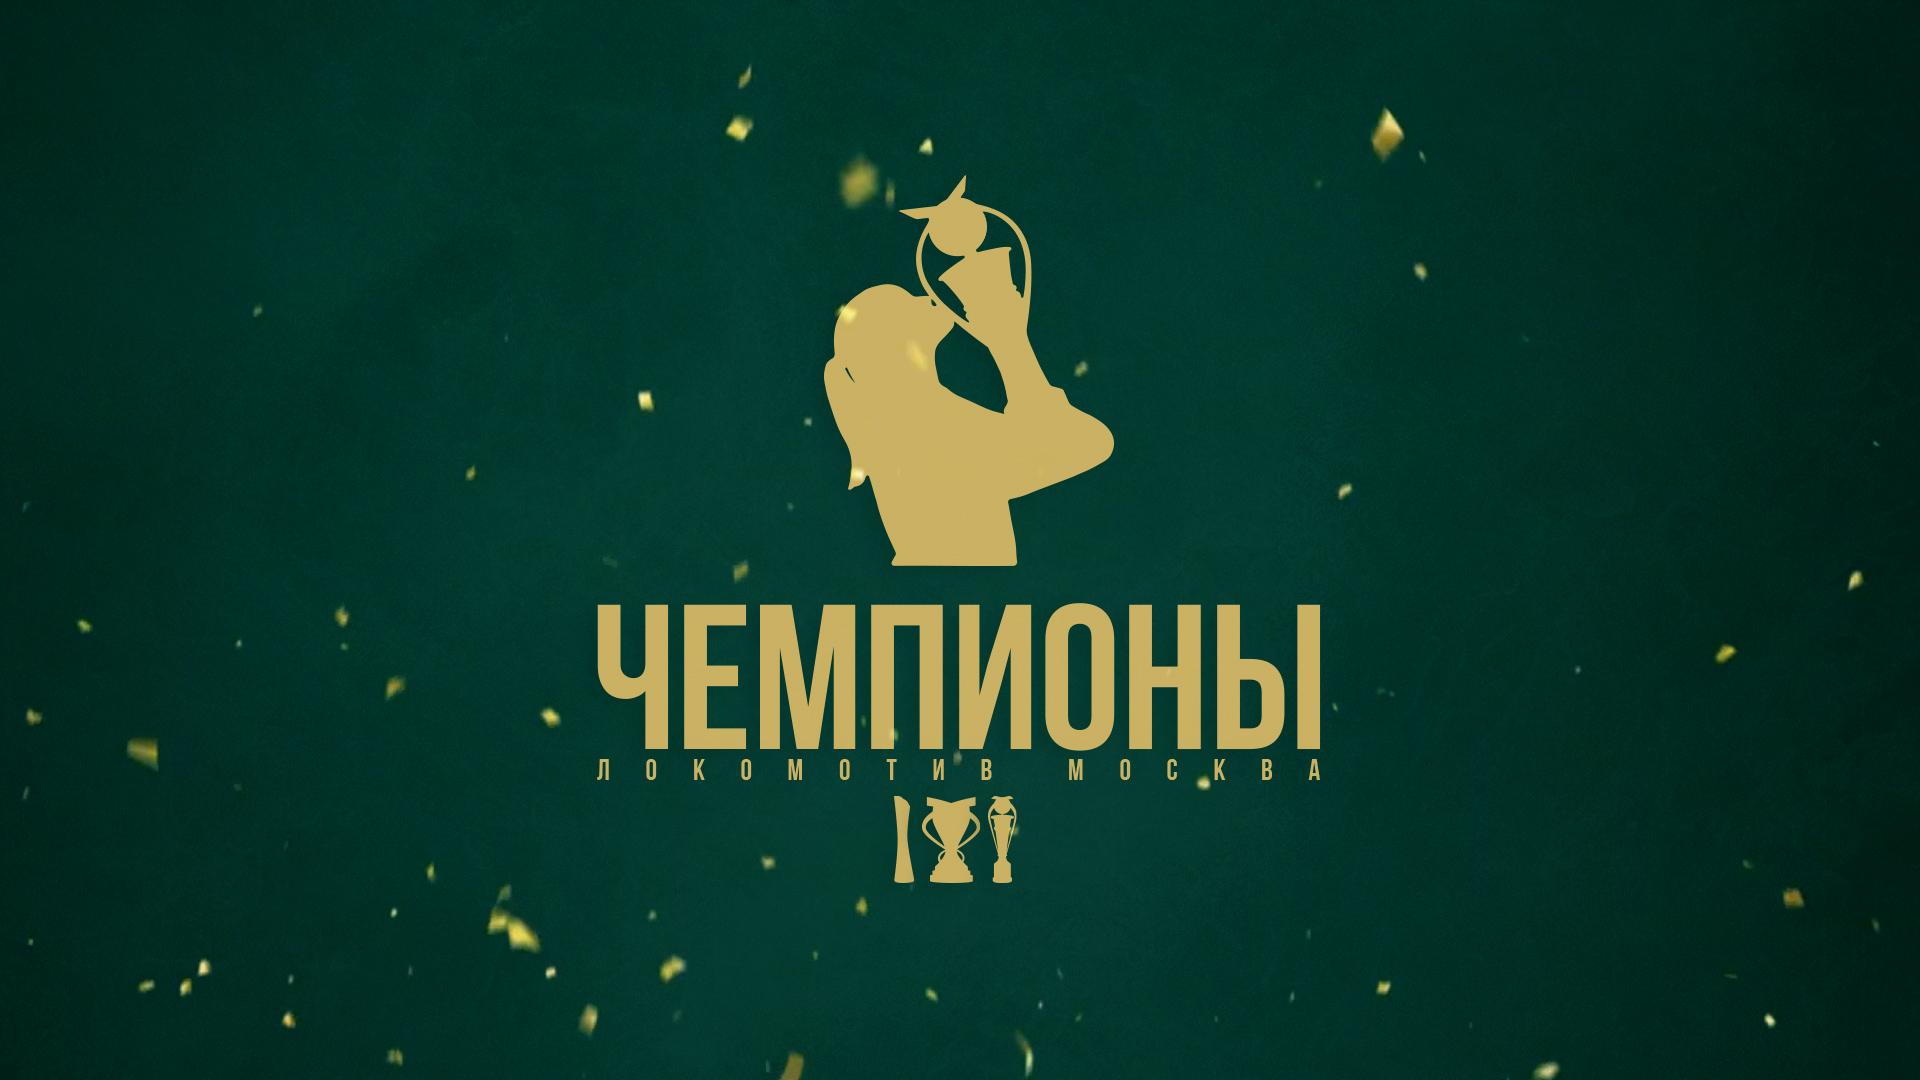 ЖФК «Локомотив» – три титула в 2021 году // Абсолютно лучшие!